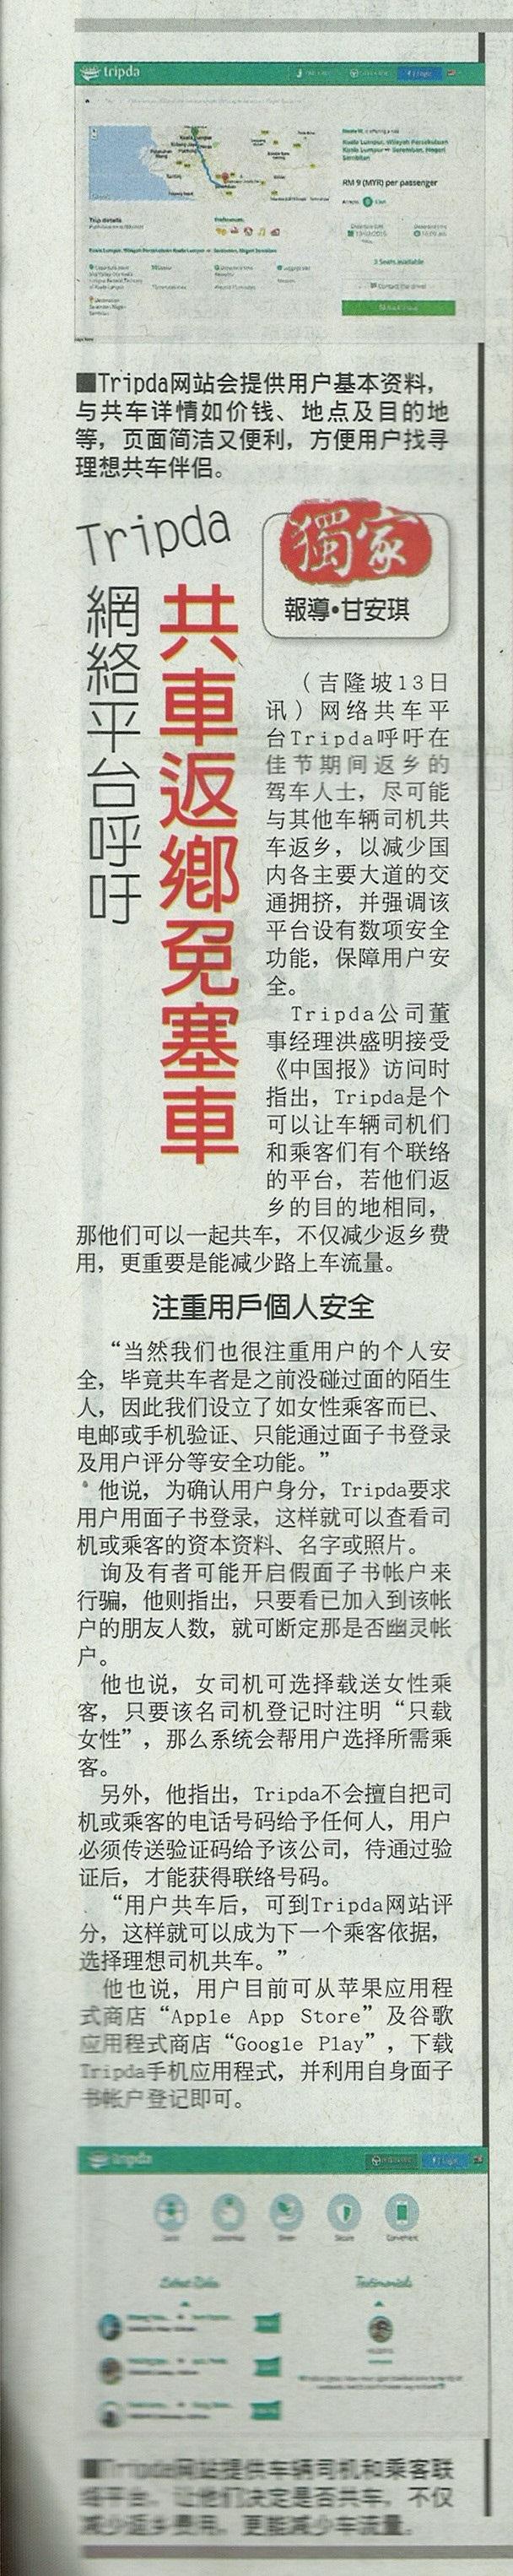 China Press 140215